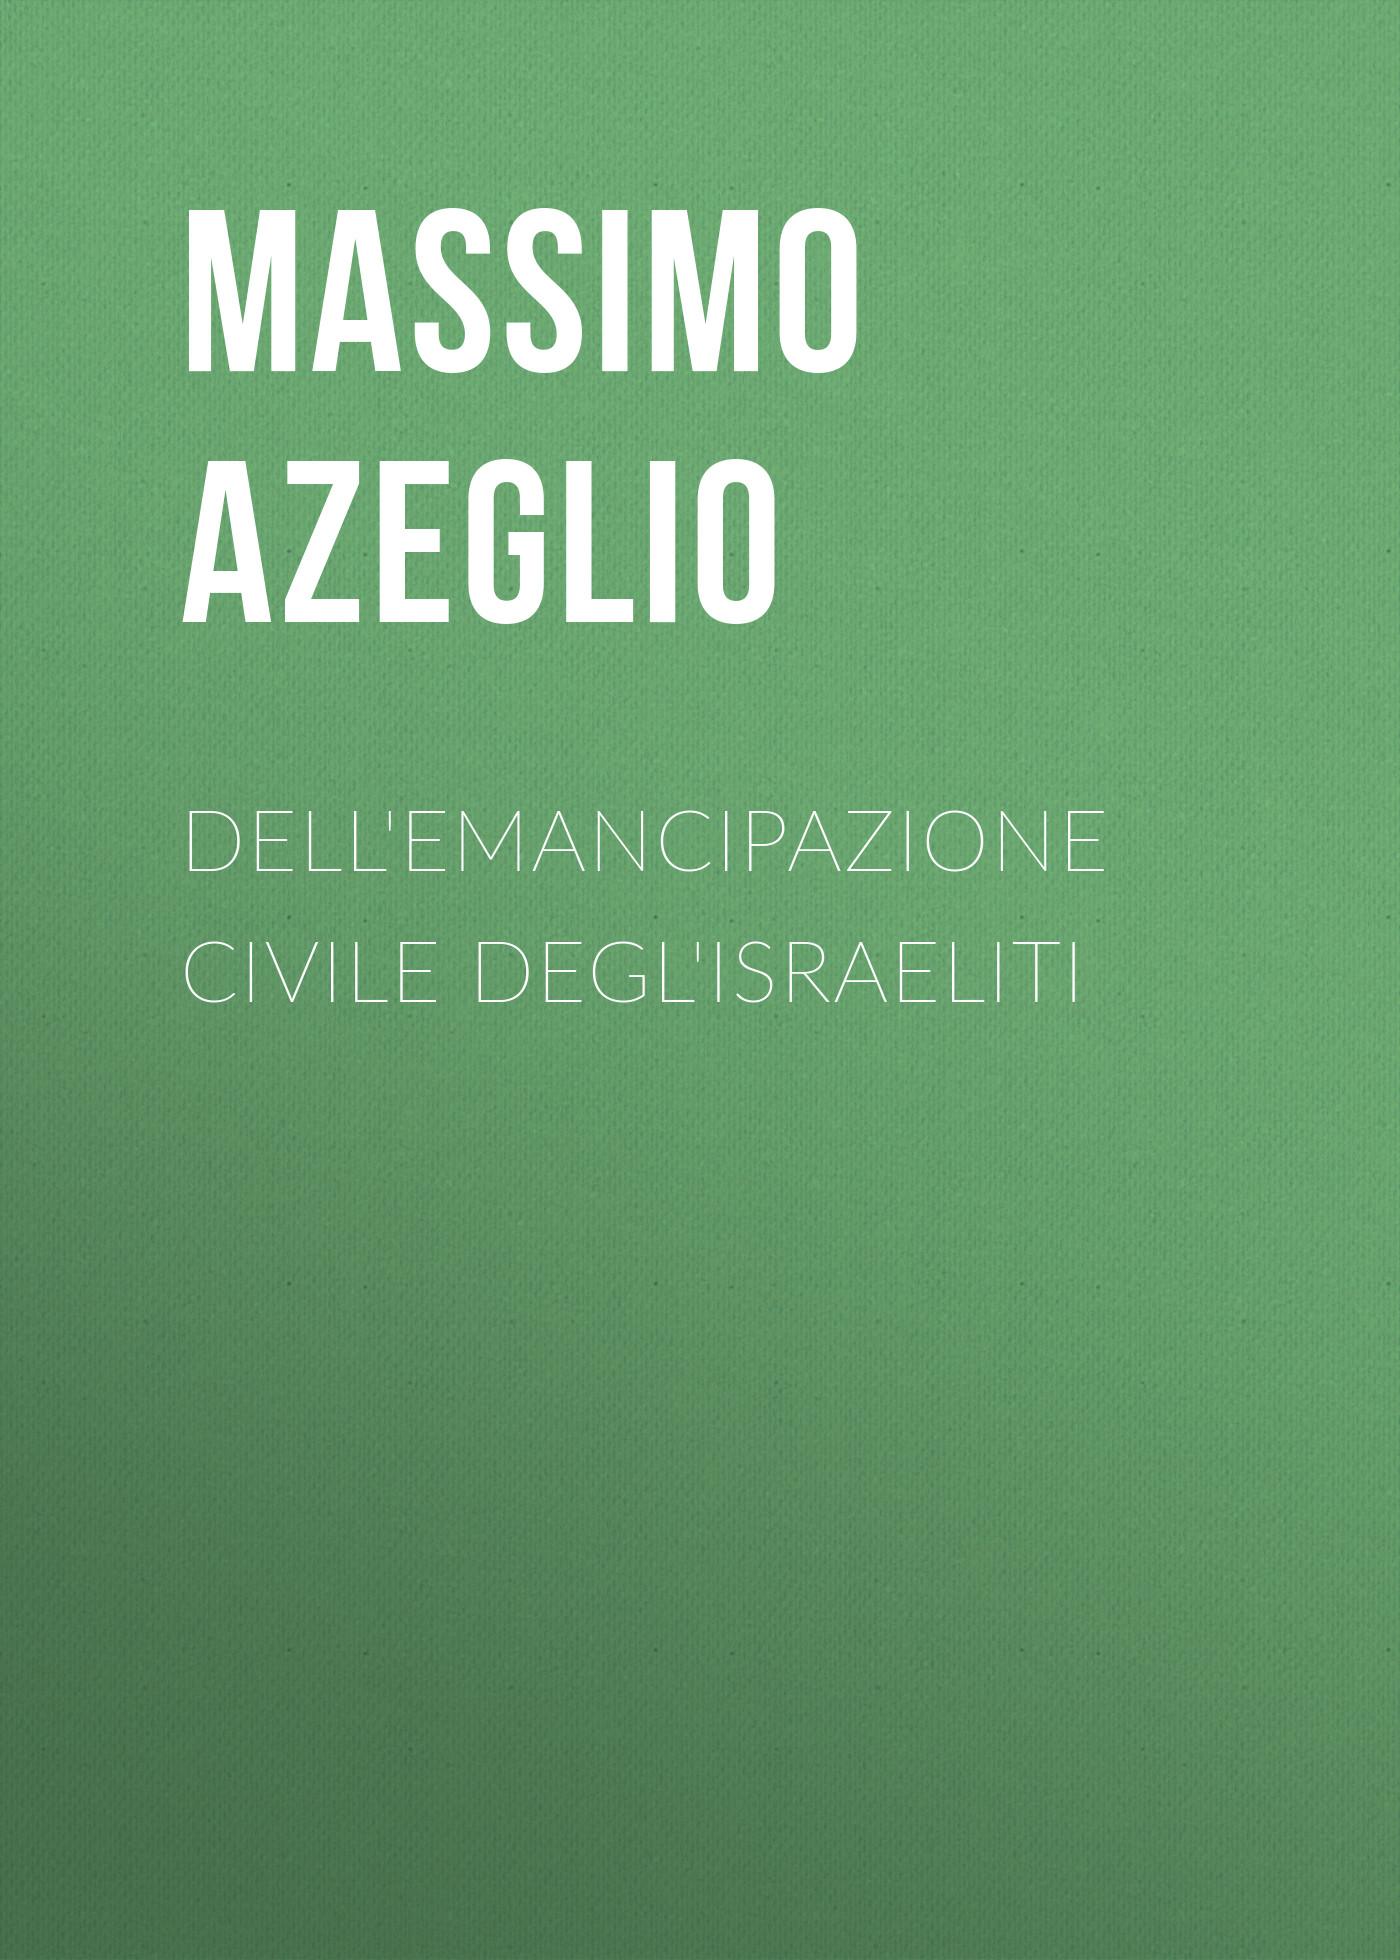 Massimo d' Azeglio Dell'Emancipazione civile degl'Israeliti italia codice di procedura civile